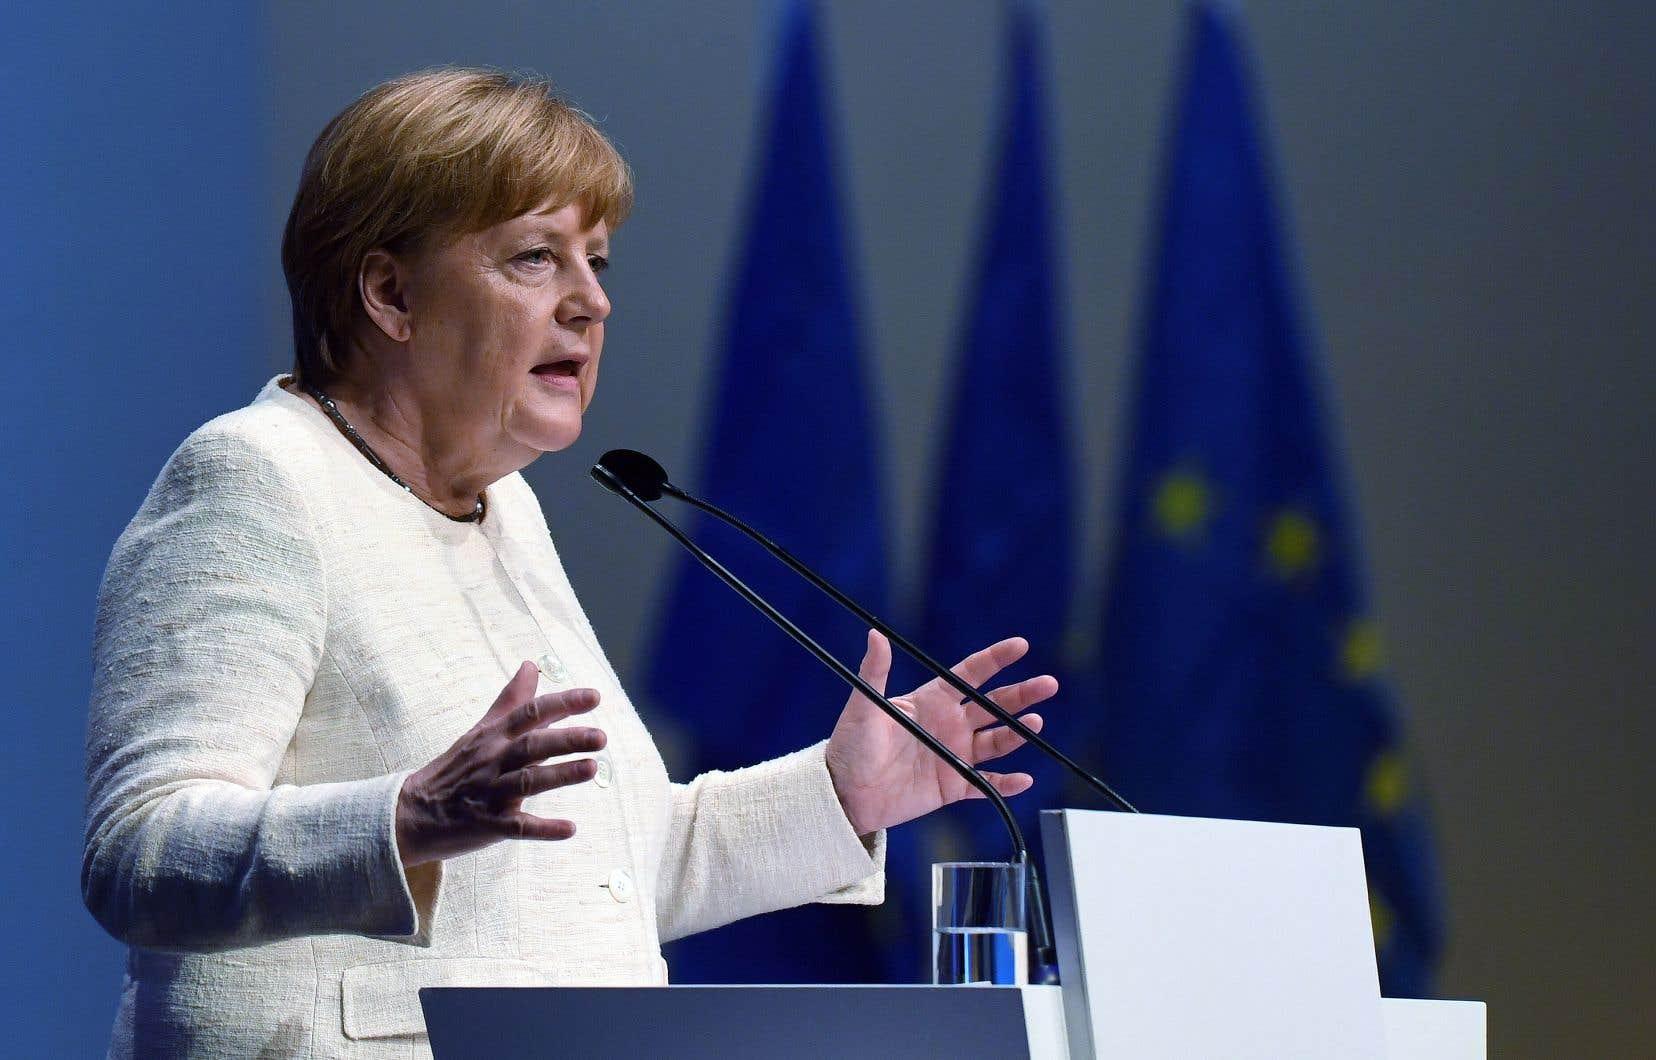 À Munich, capitale de la région de Bavière, la chancelière Angela Merkel a lancé un appel, à 48 heures du scrutin allemand des élections européennes, à une «Europe de la responsabilité».